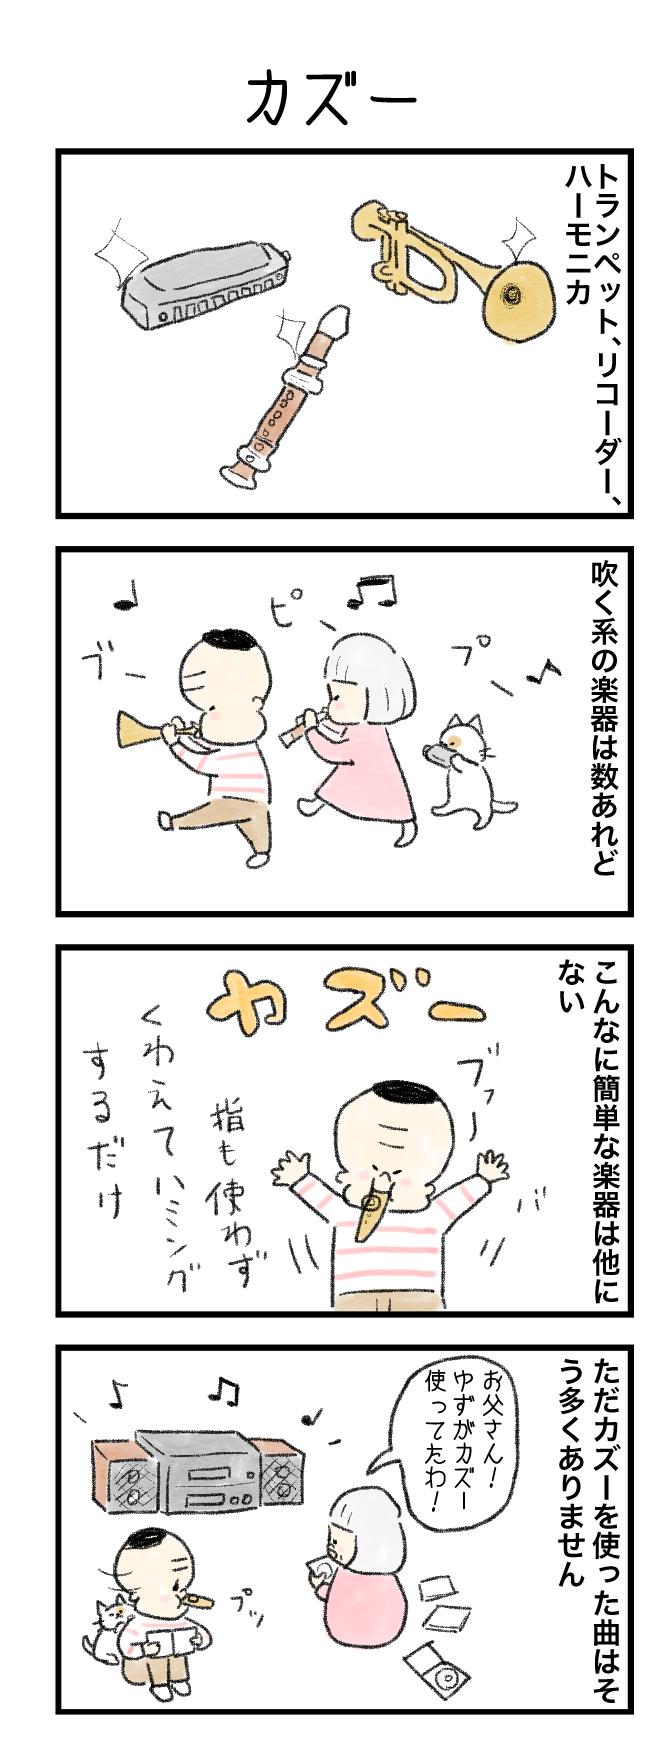 今日の泉谷さん【48】 作:カワサキヒロシ「カズー」